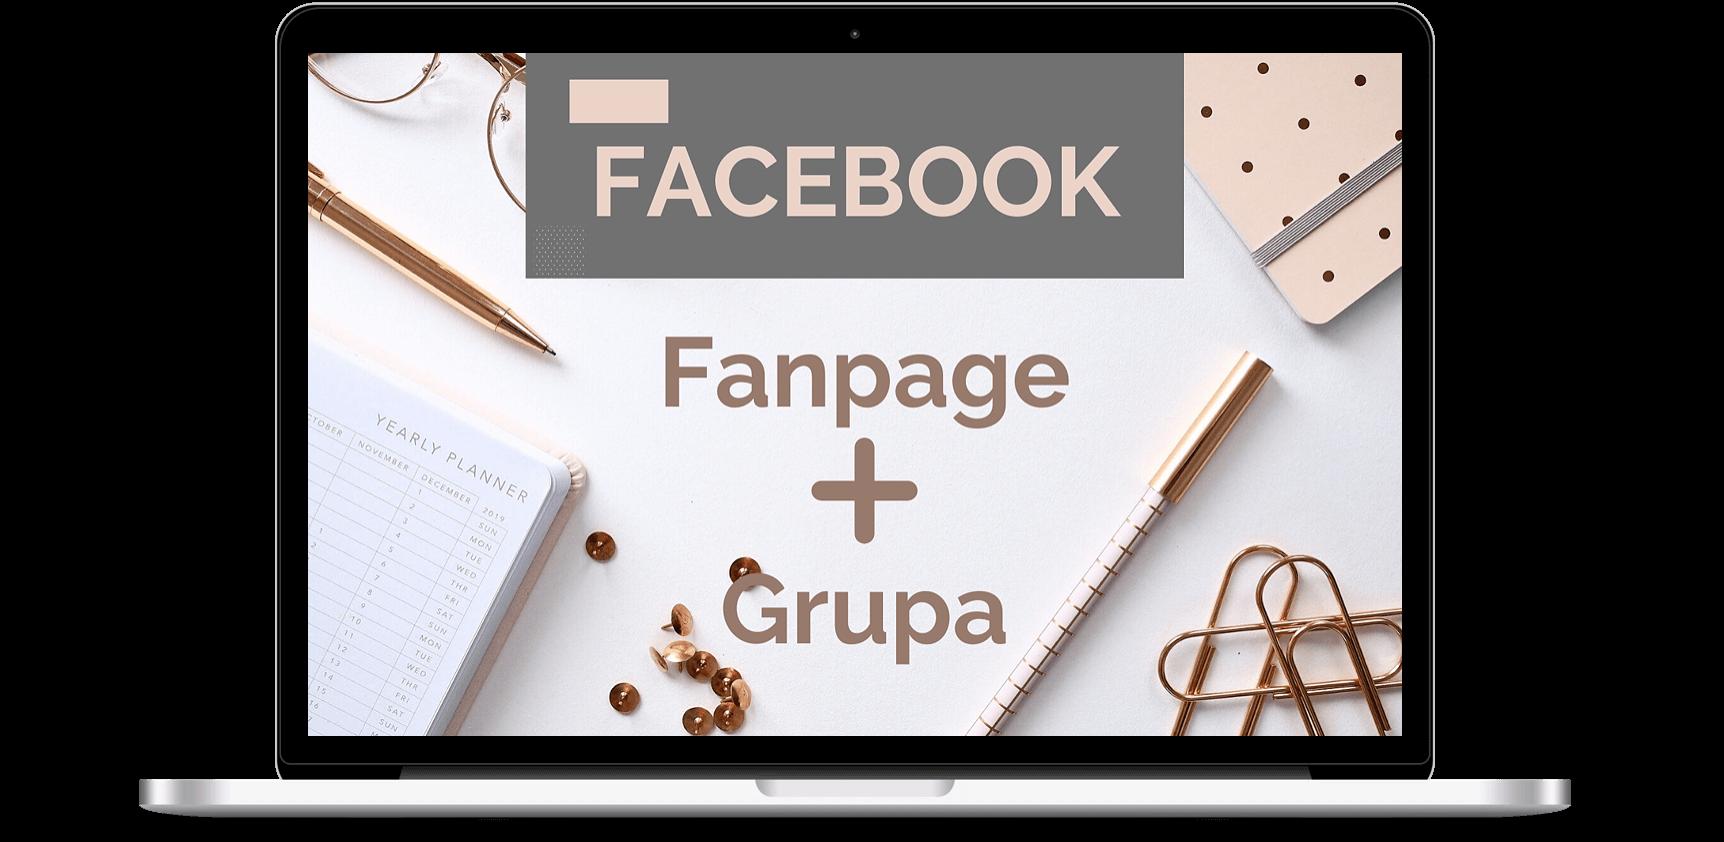 laptopsmart - Start w mediach społecznościowych - pakiet wideo